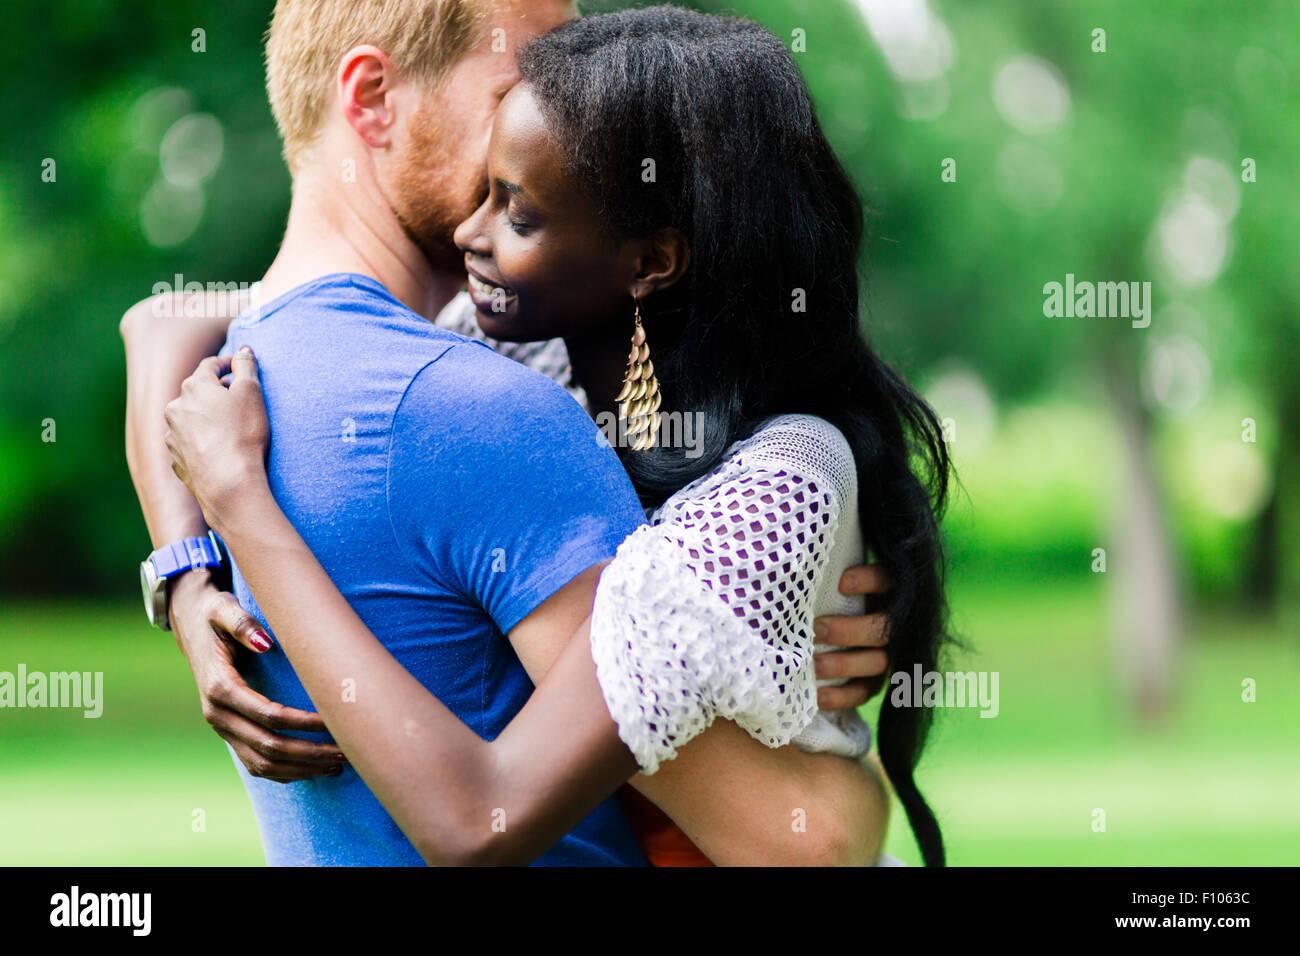 Matura in amore abbracciando pacificamente all'aperto e di essere veramente felici. Sensazione di sicurezza Immagini Stock